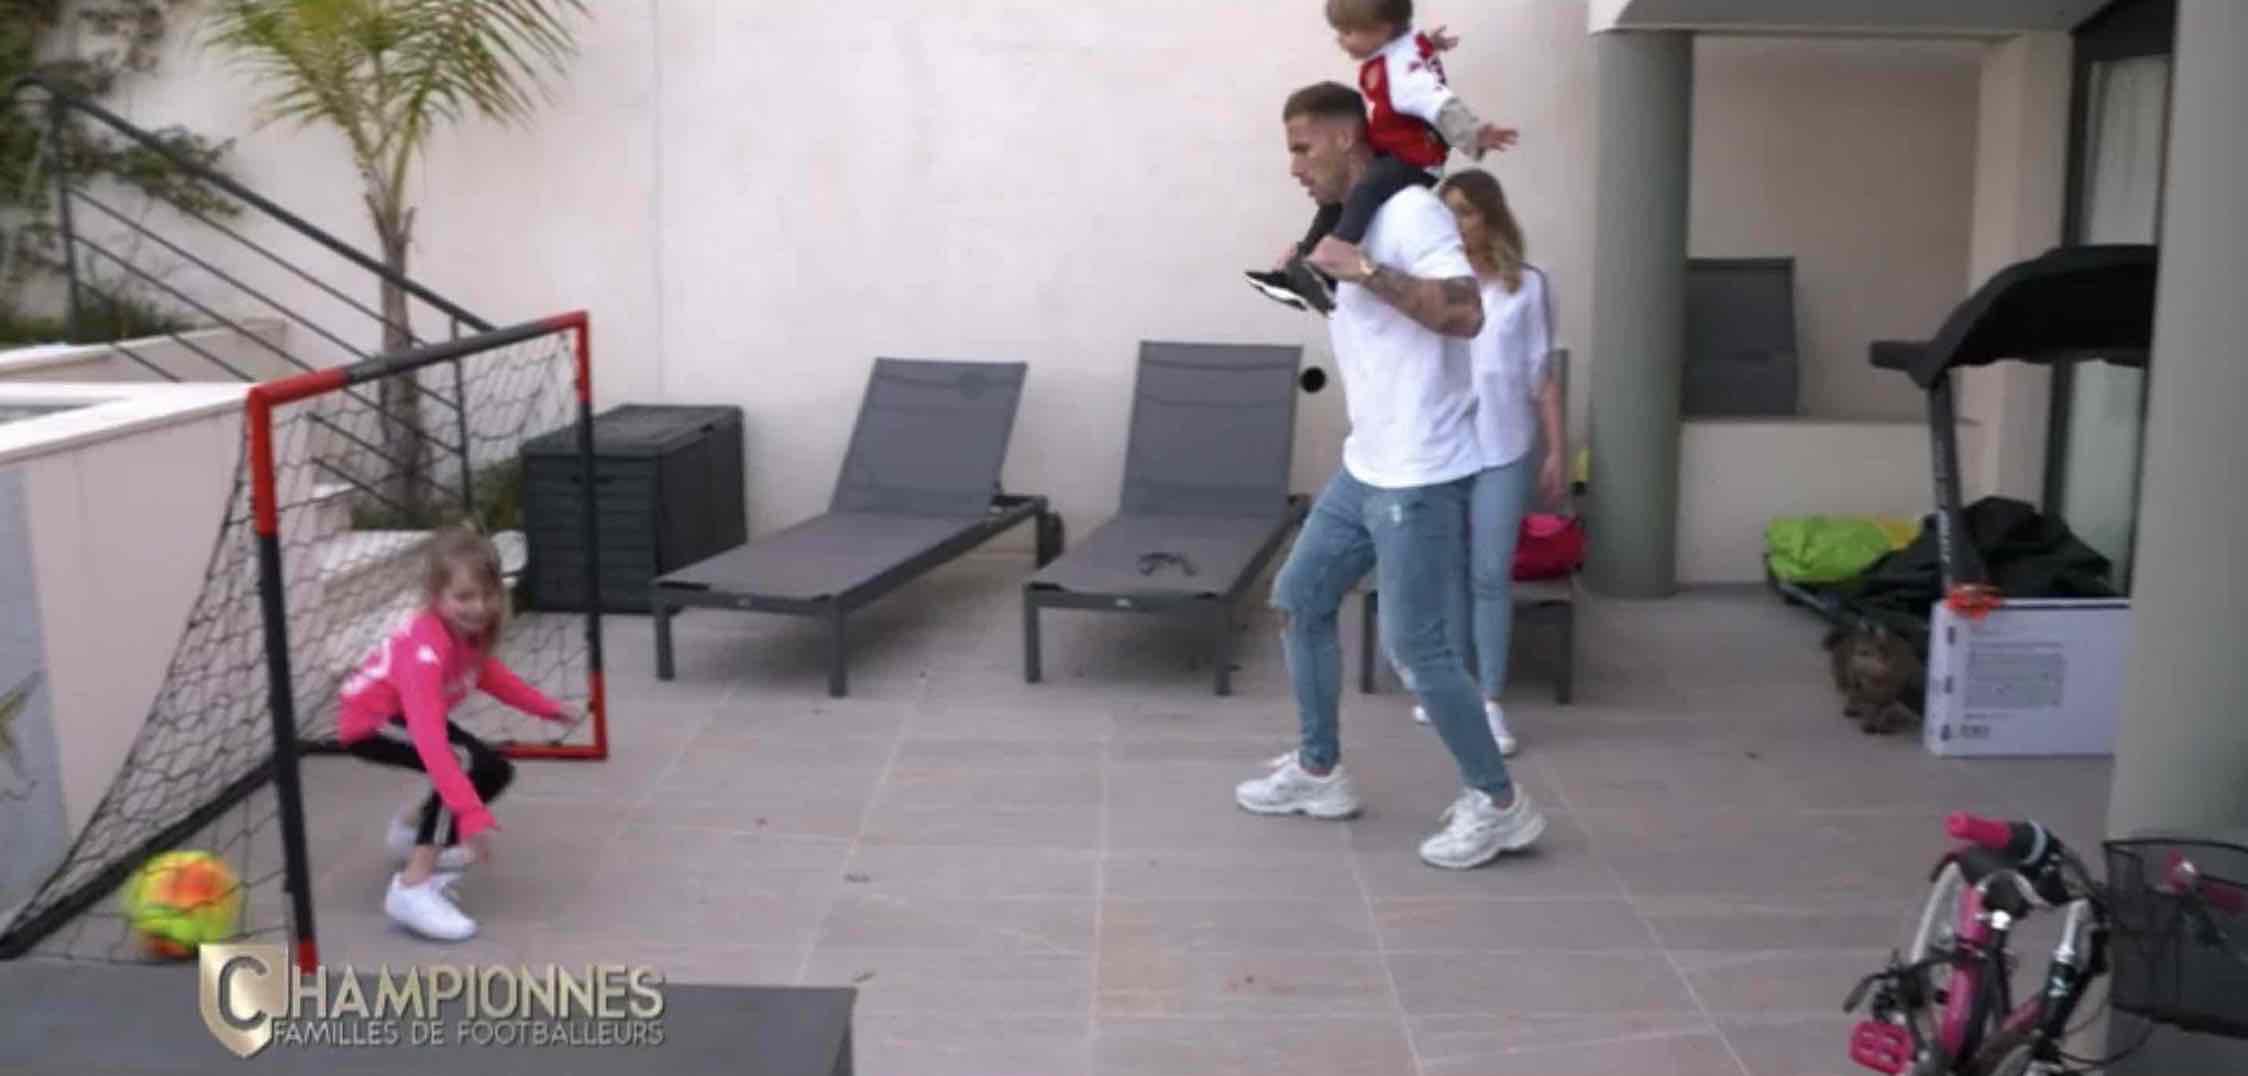 Championnes - familles de footballeurs - TFX - Benjamin Lecompte -